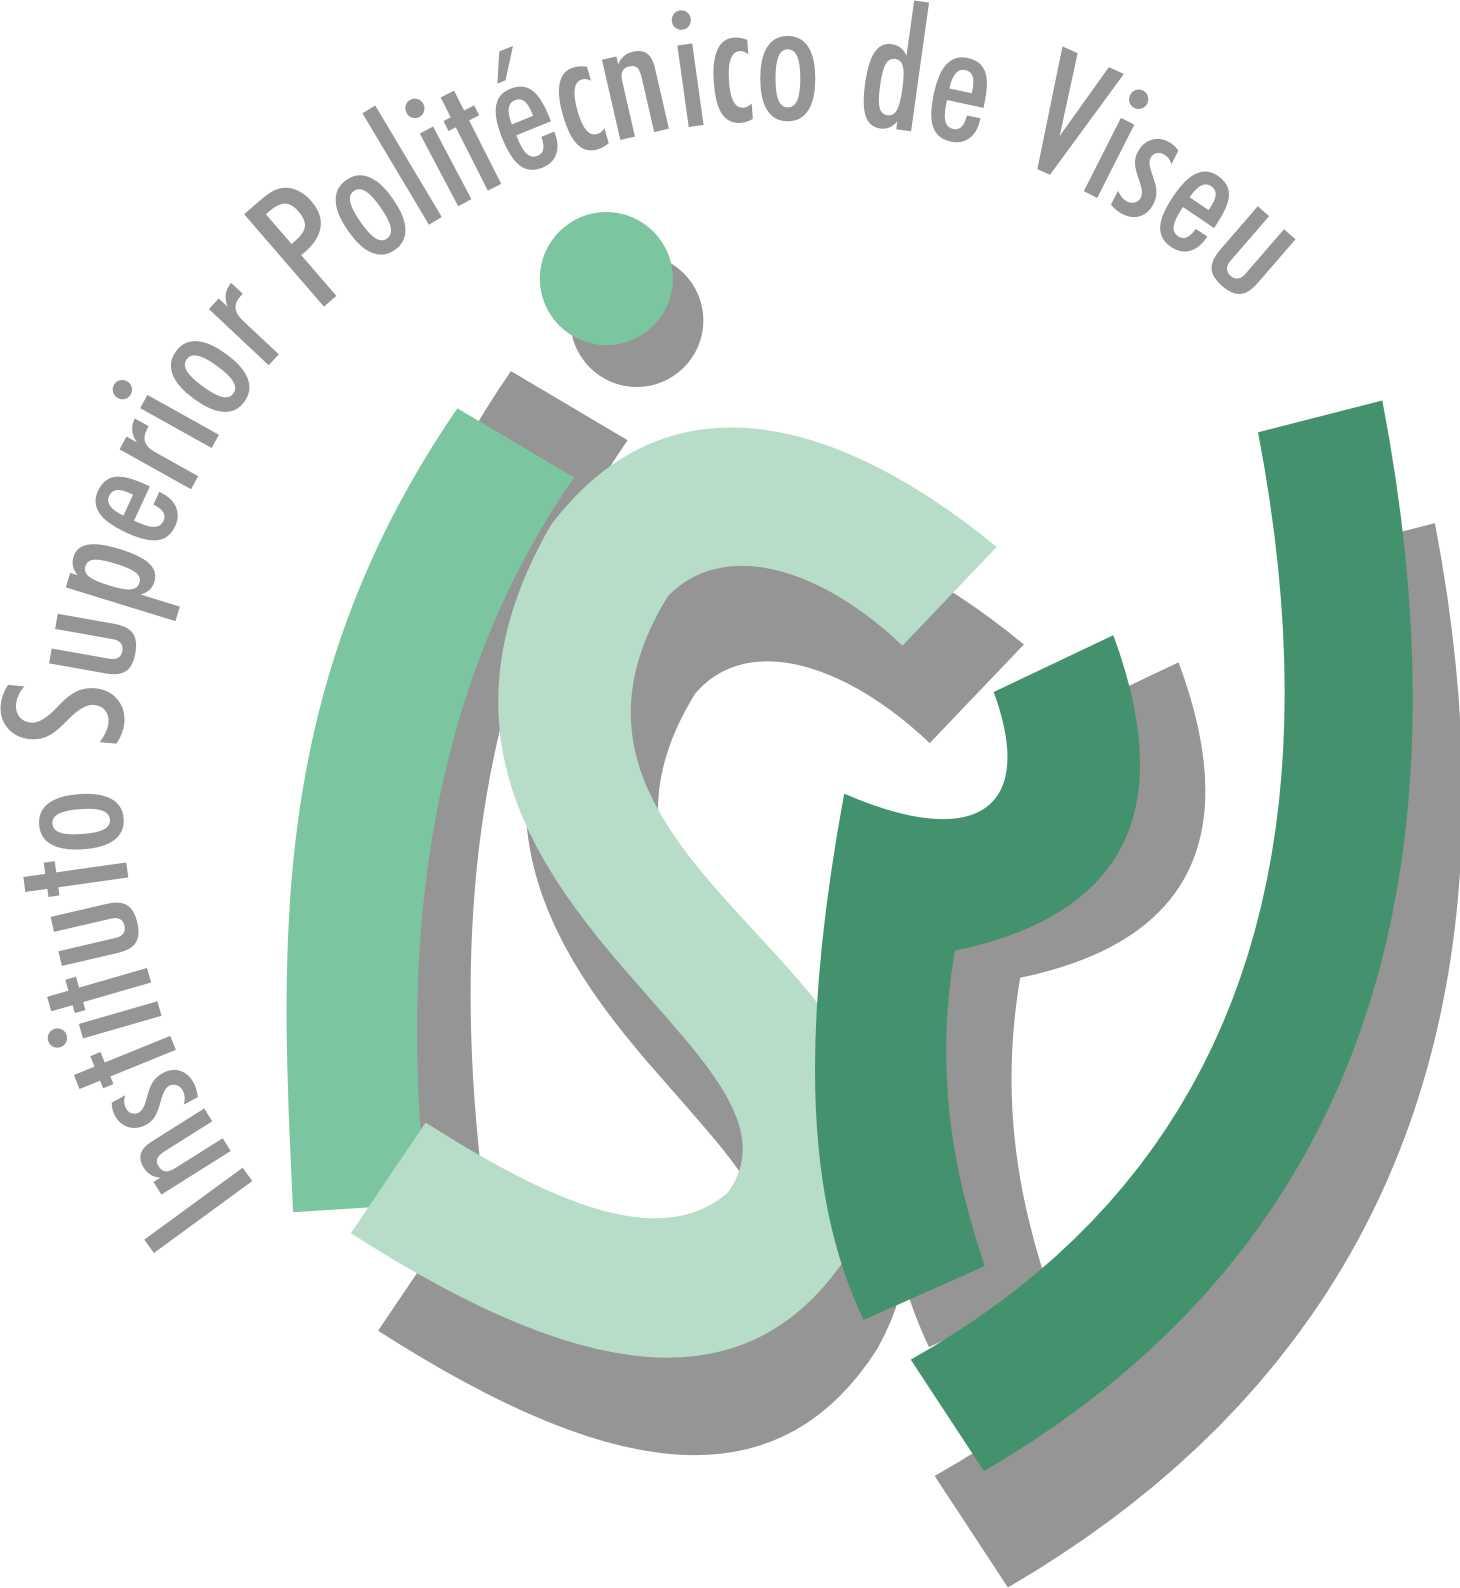 Instituto Politécnico de Viseu (POR)